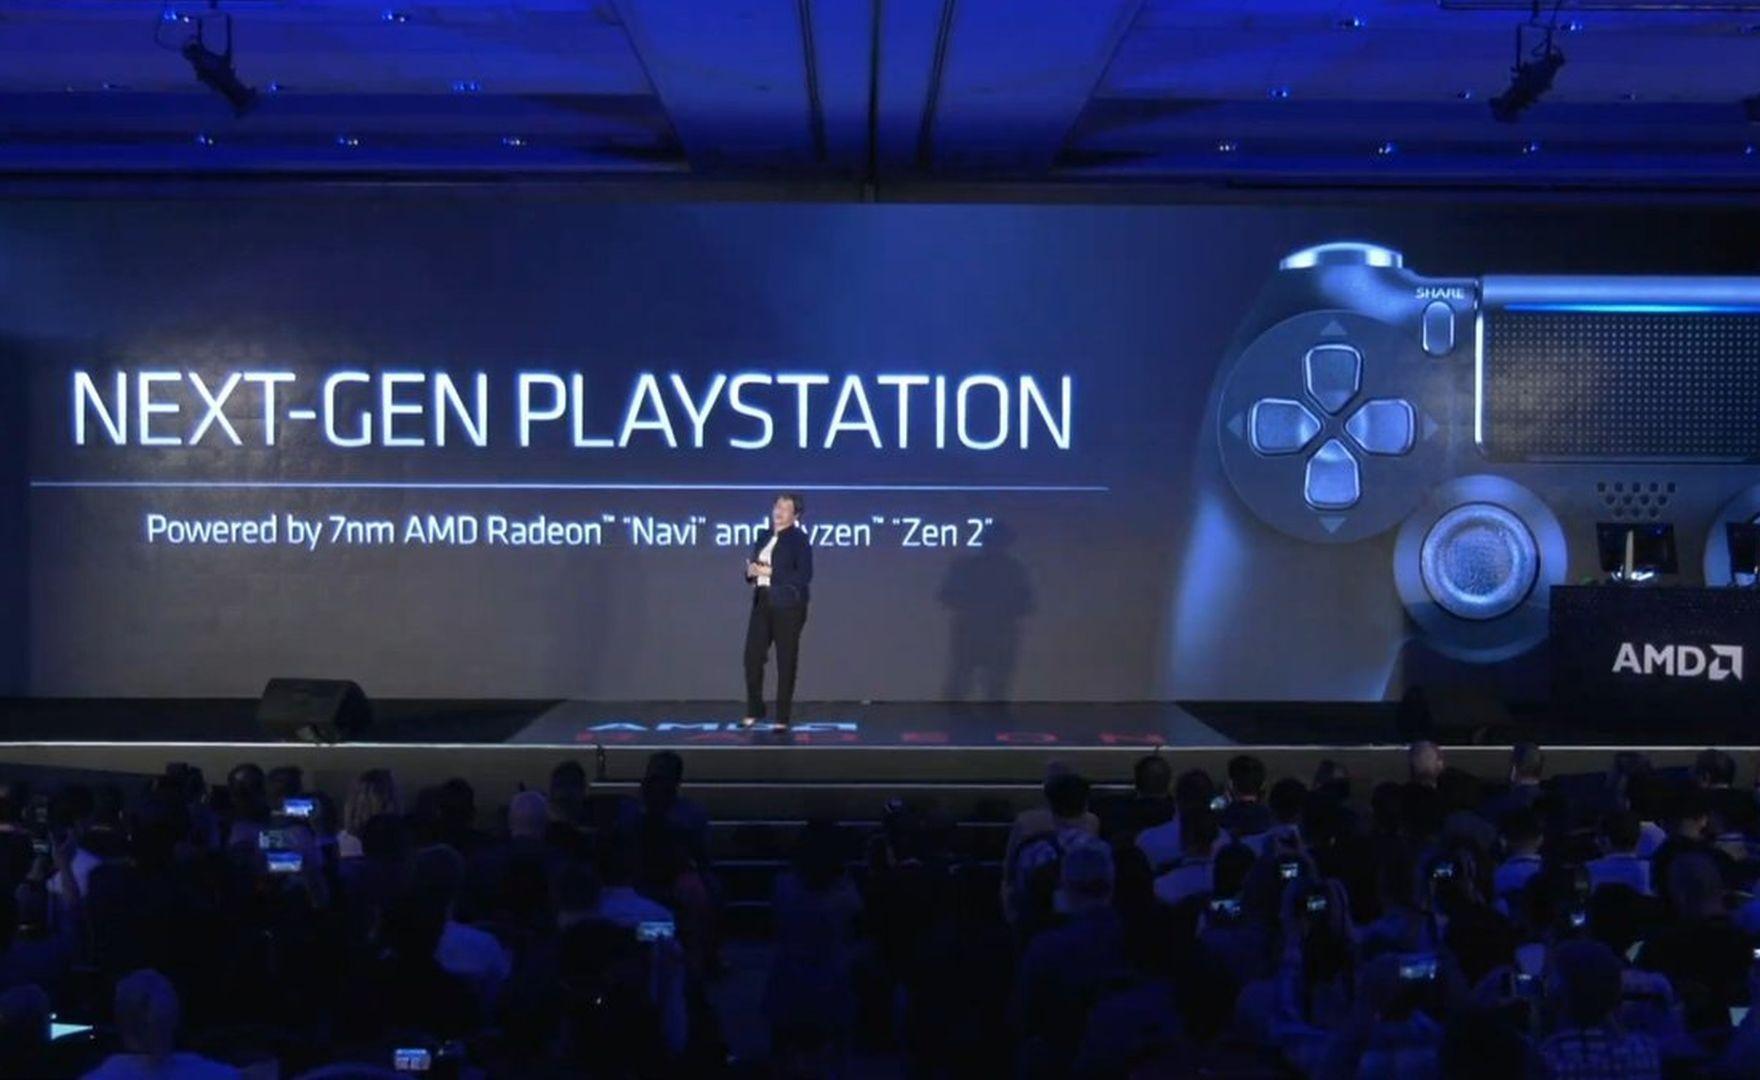 PlayStation 5 a dicembre 2020 al prezzo di 499.99€?